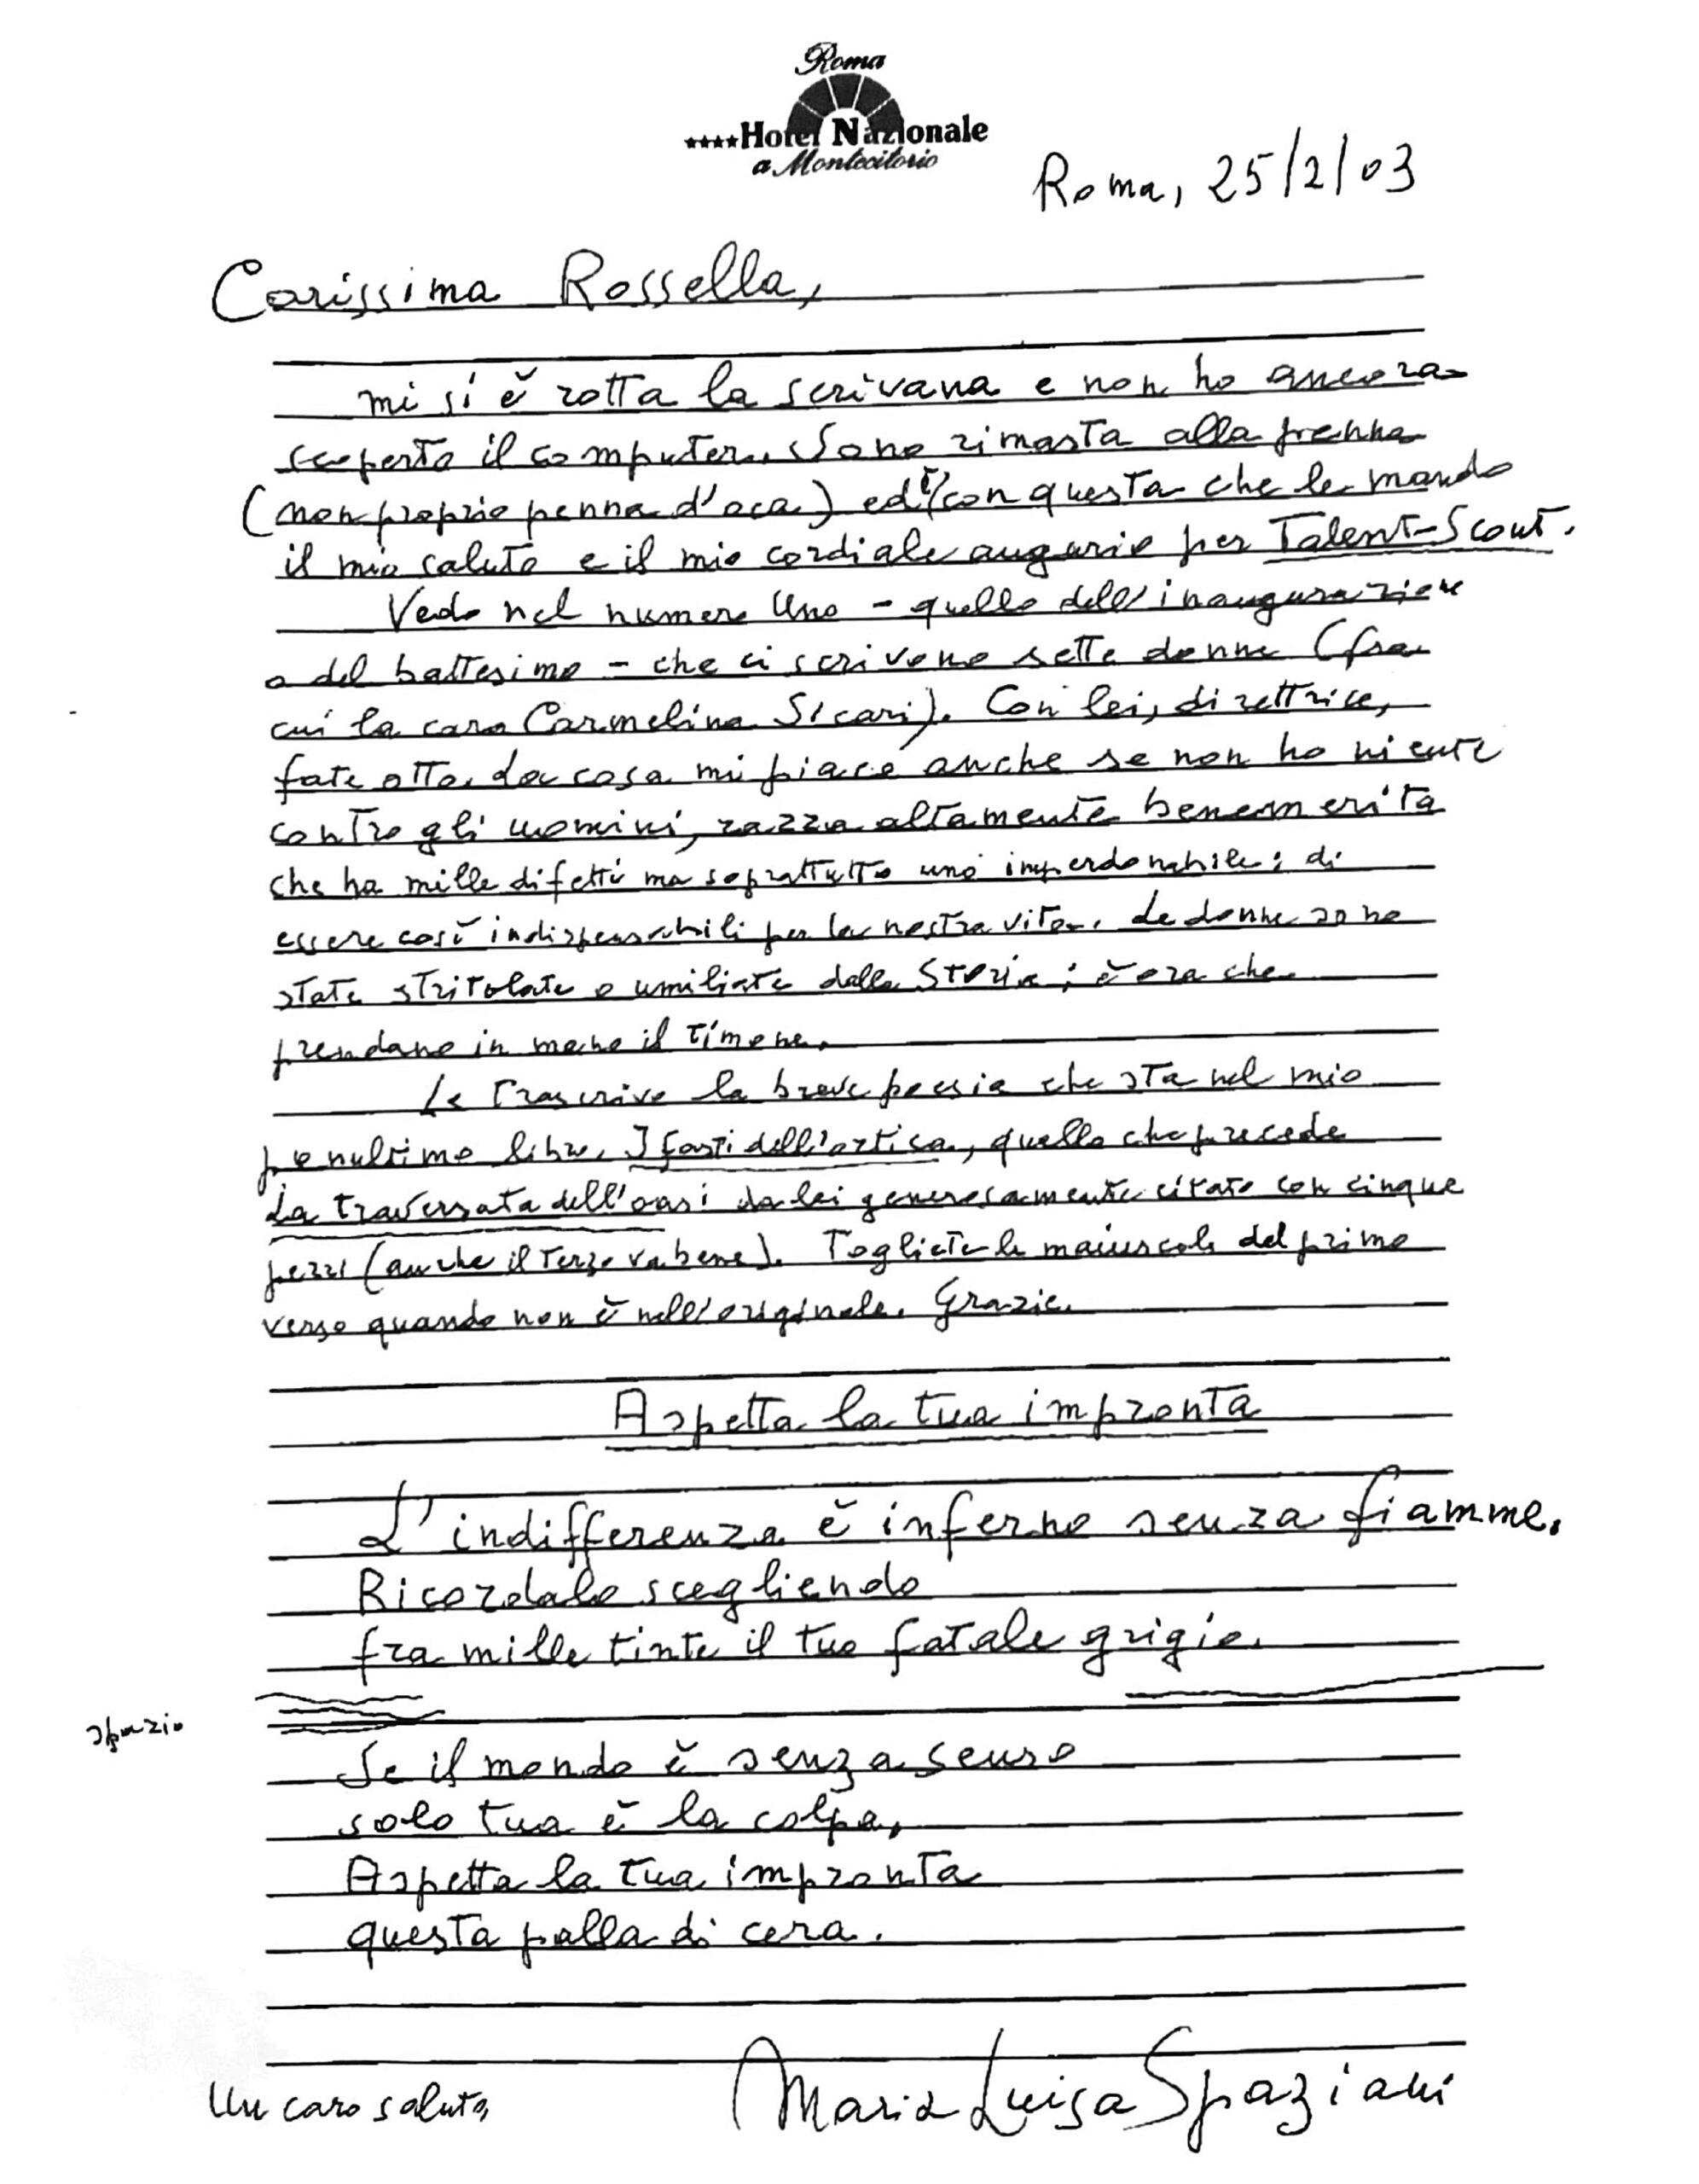 Lettera di Maria Luisa Spaziani